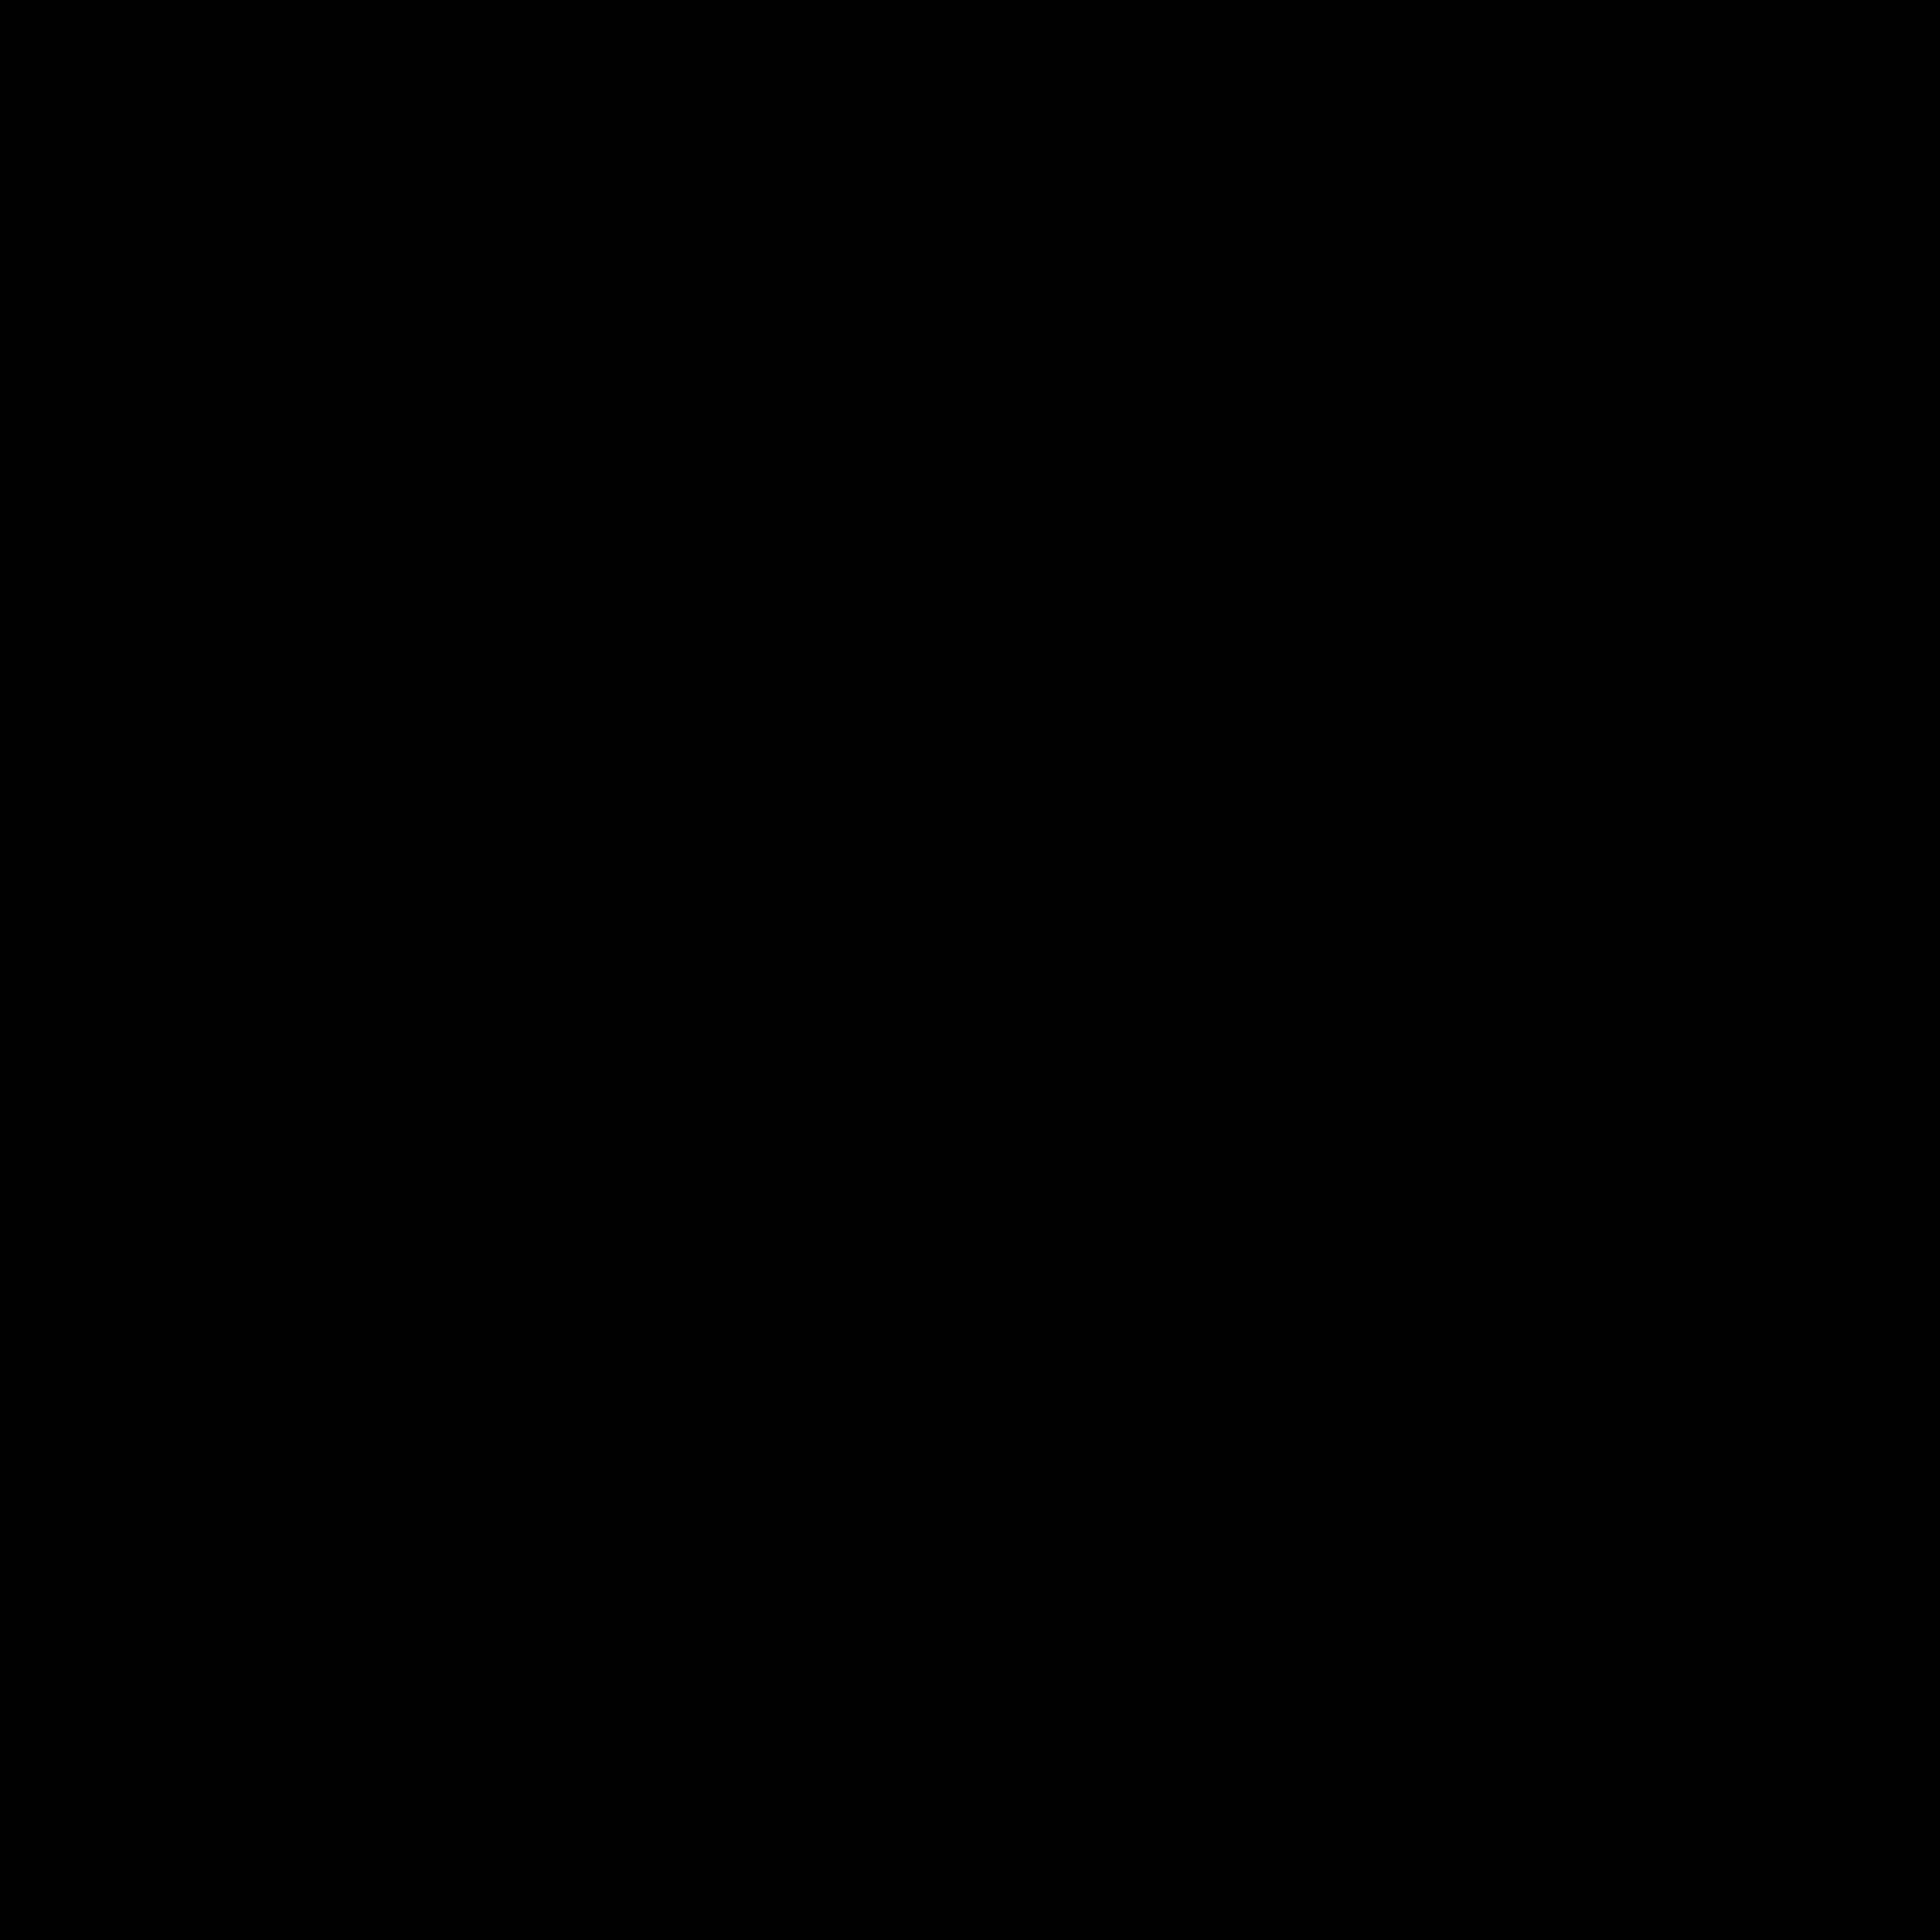 Studenckie Koło Naukowe Biokreatywni